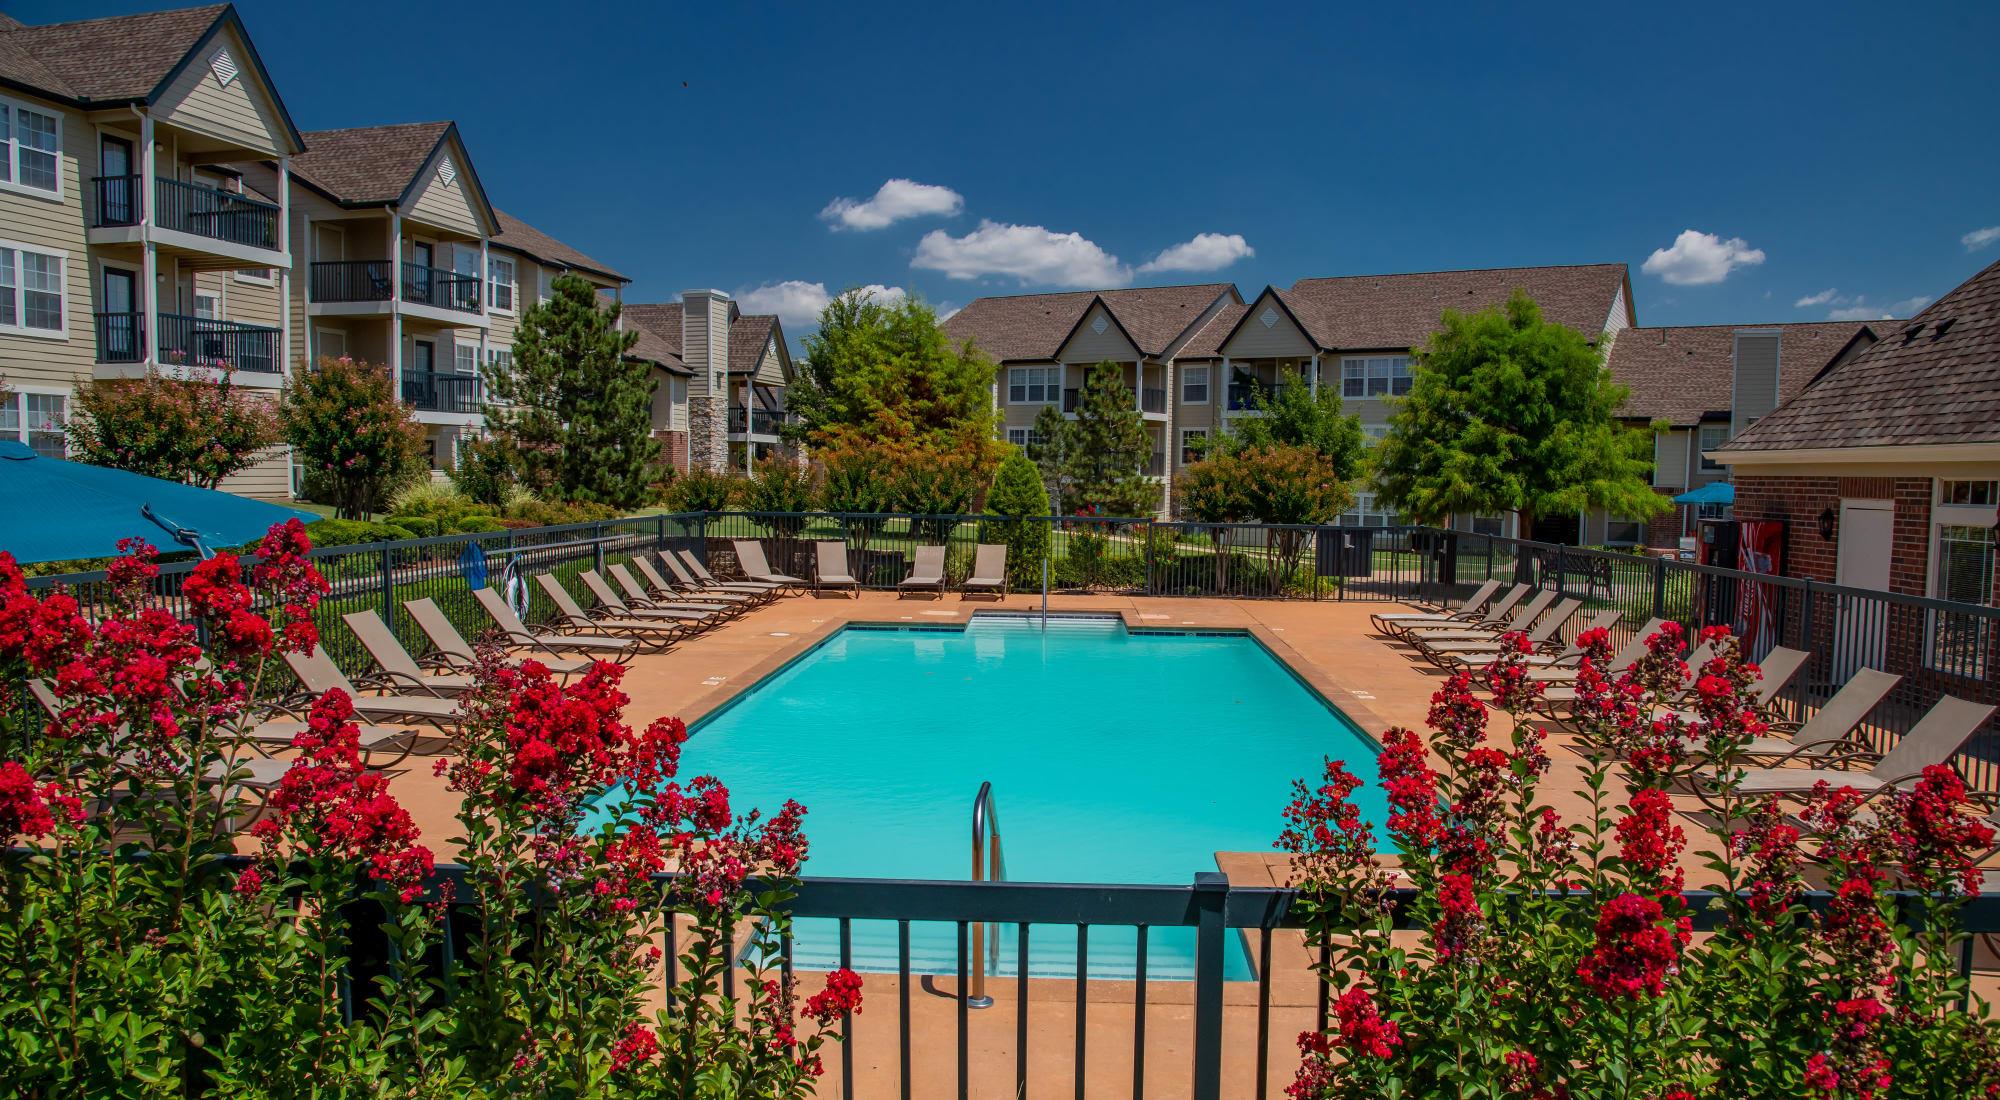 Villas at Stonebridge in Edmond, Oklahoma